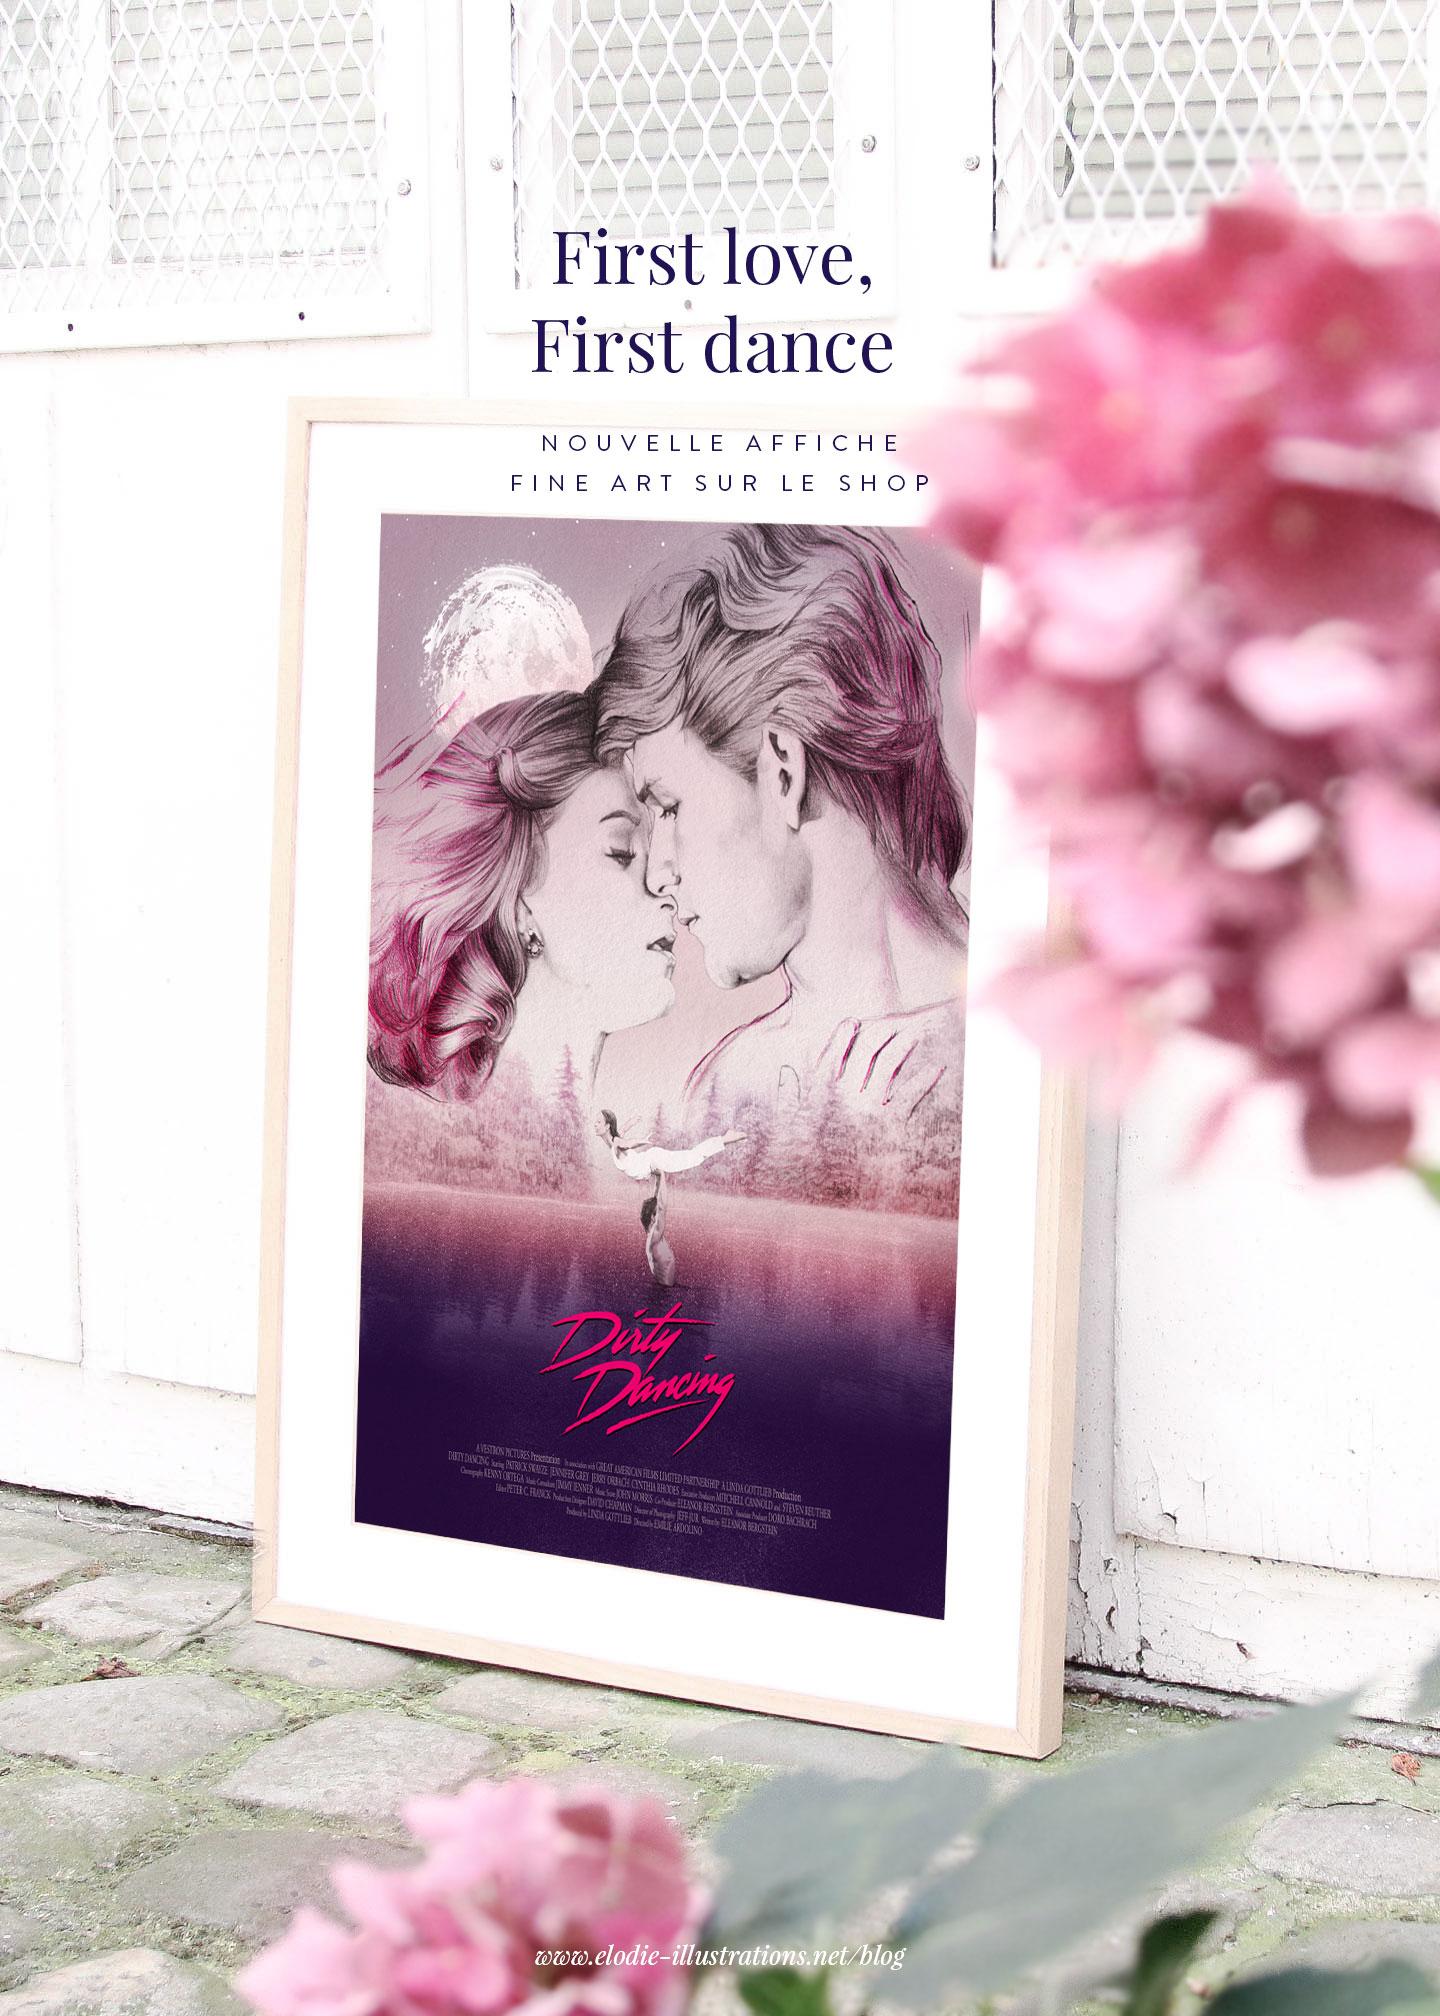 First love, First dance | Nouvelle affiche inspirée du film Dirty Dancing disponible sur le shop. - Cliquez pour découvrir l'article